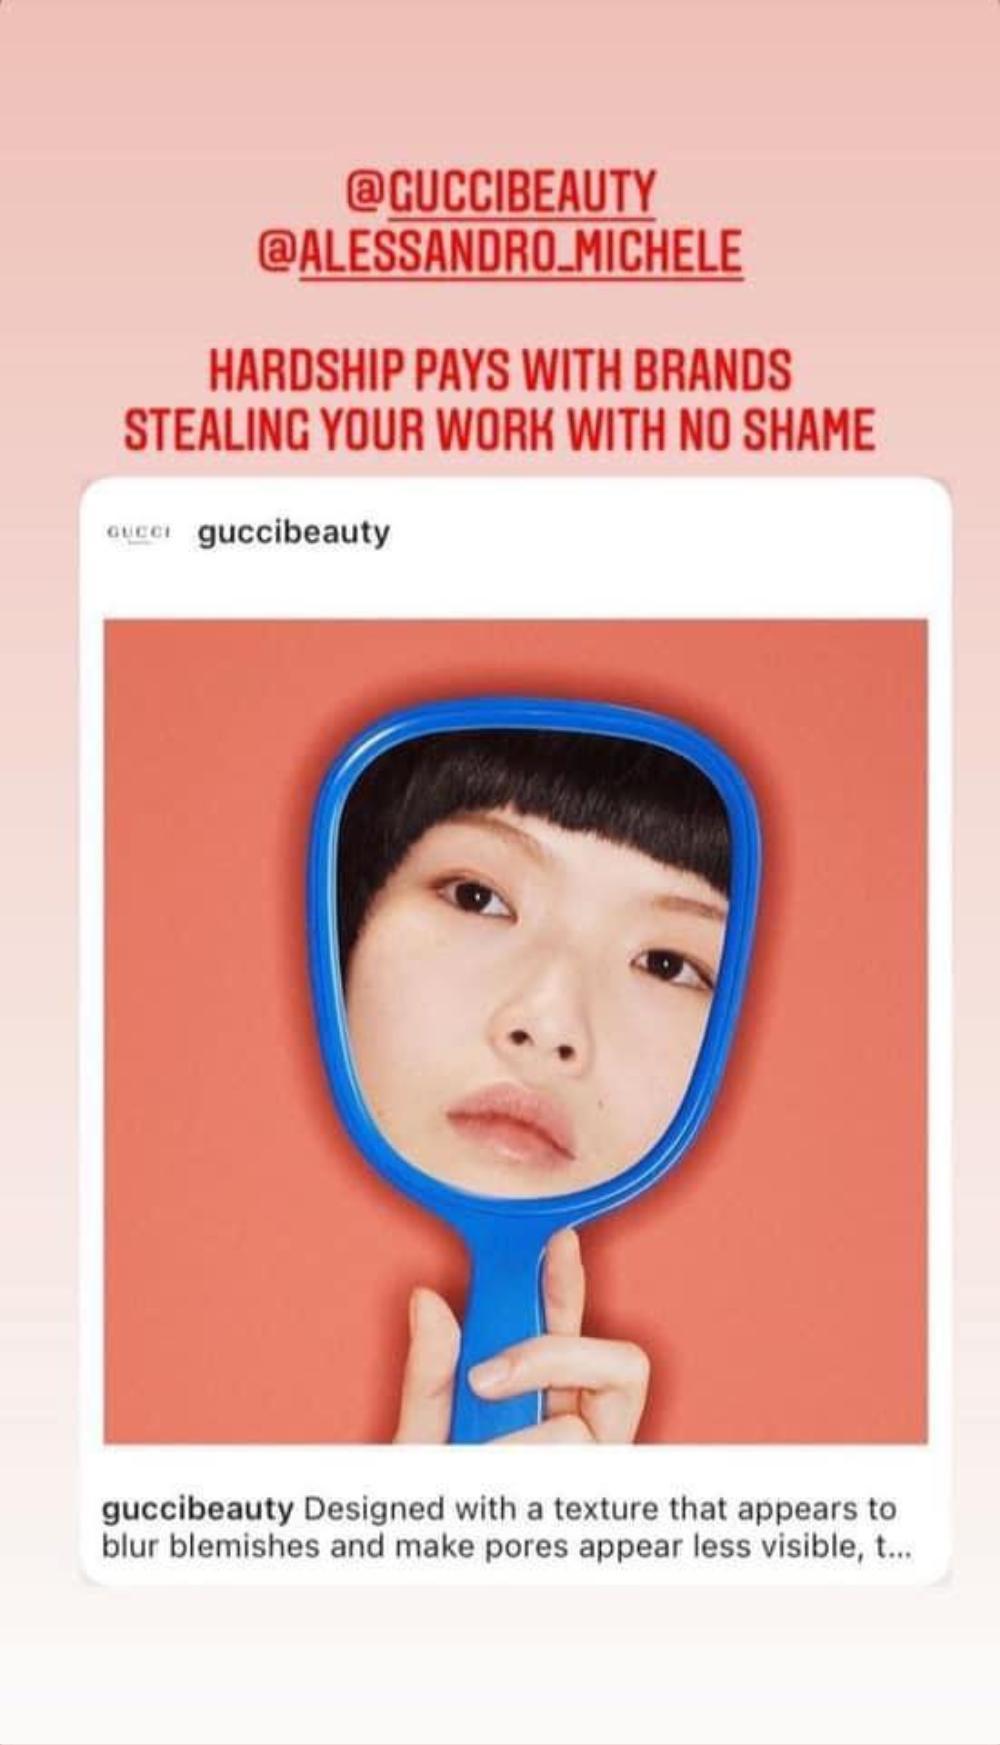 Gucci bị cáo buộc đạo nhái ý tưởng của nhiếp ảnh gia người Việt, nhãn hàng không xin lỗi Ảnh 1